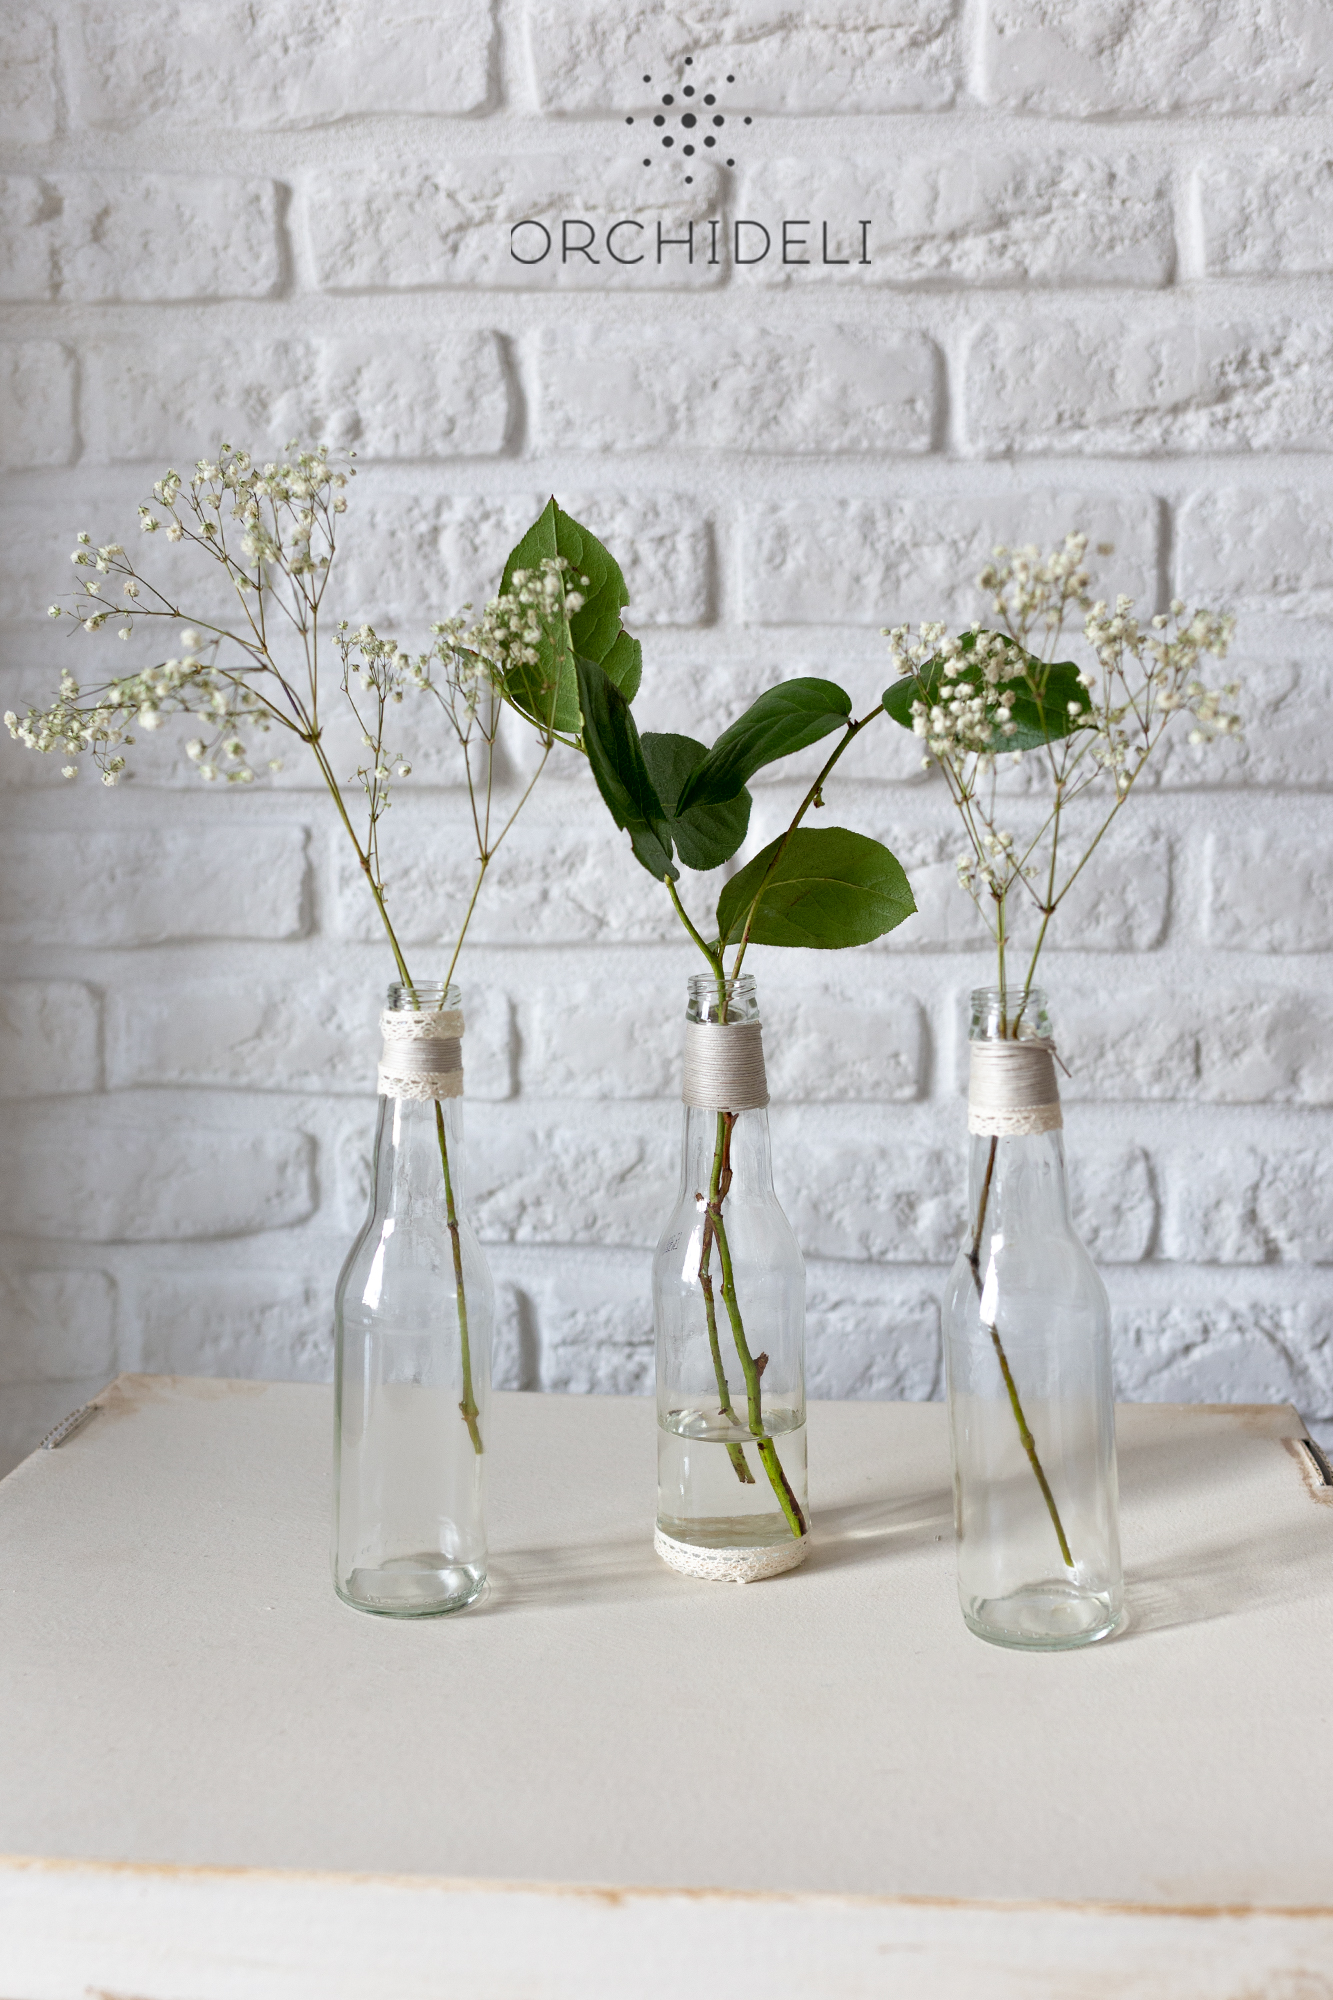 orchideli jak ozdobić butelki